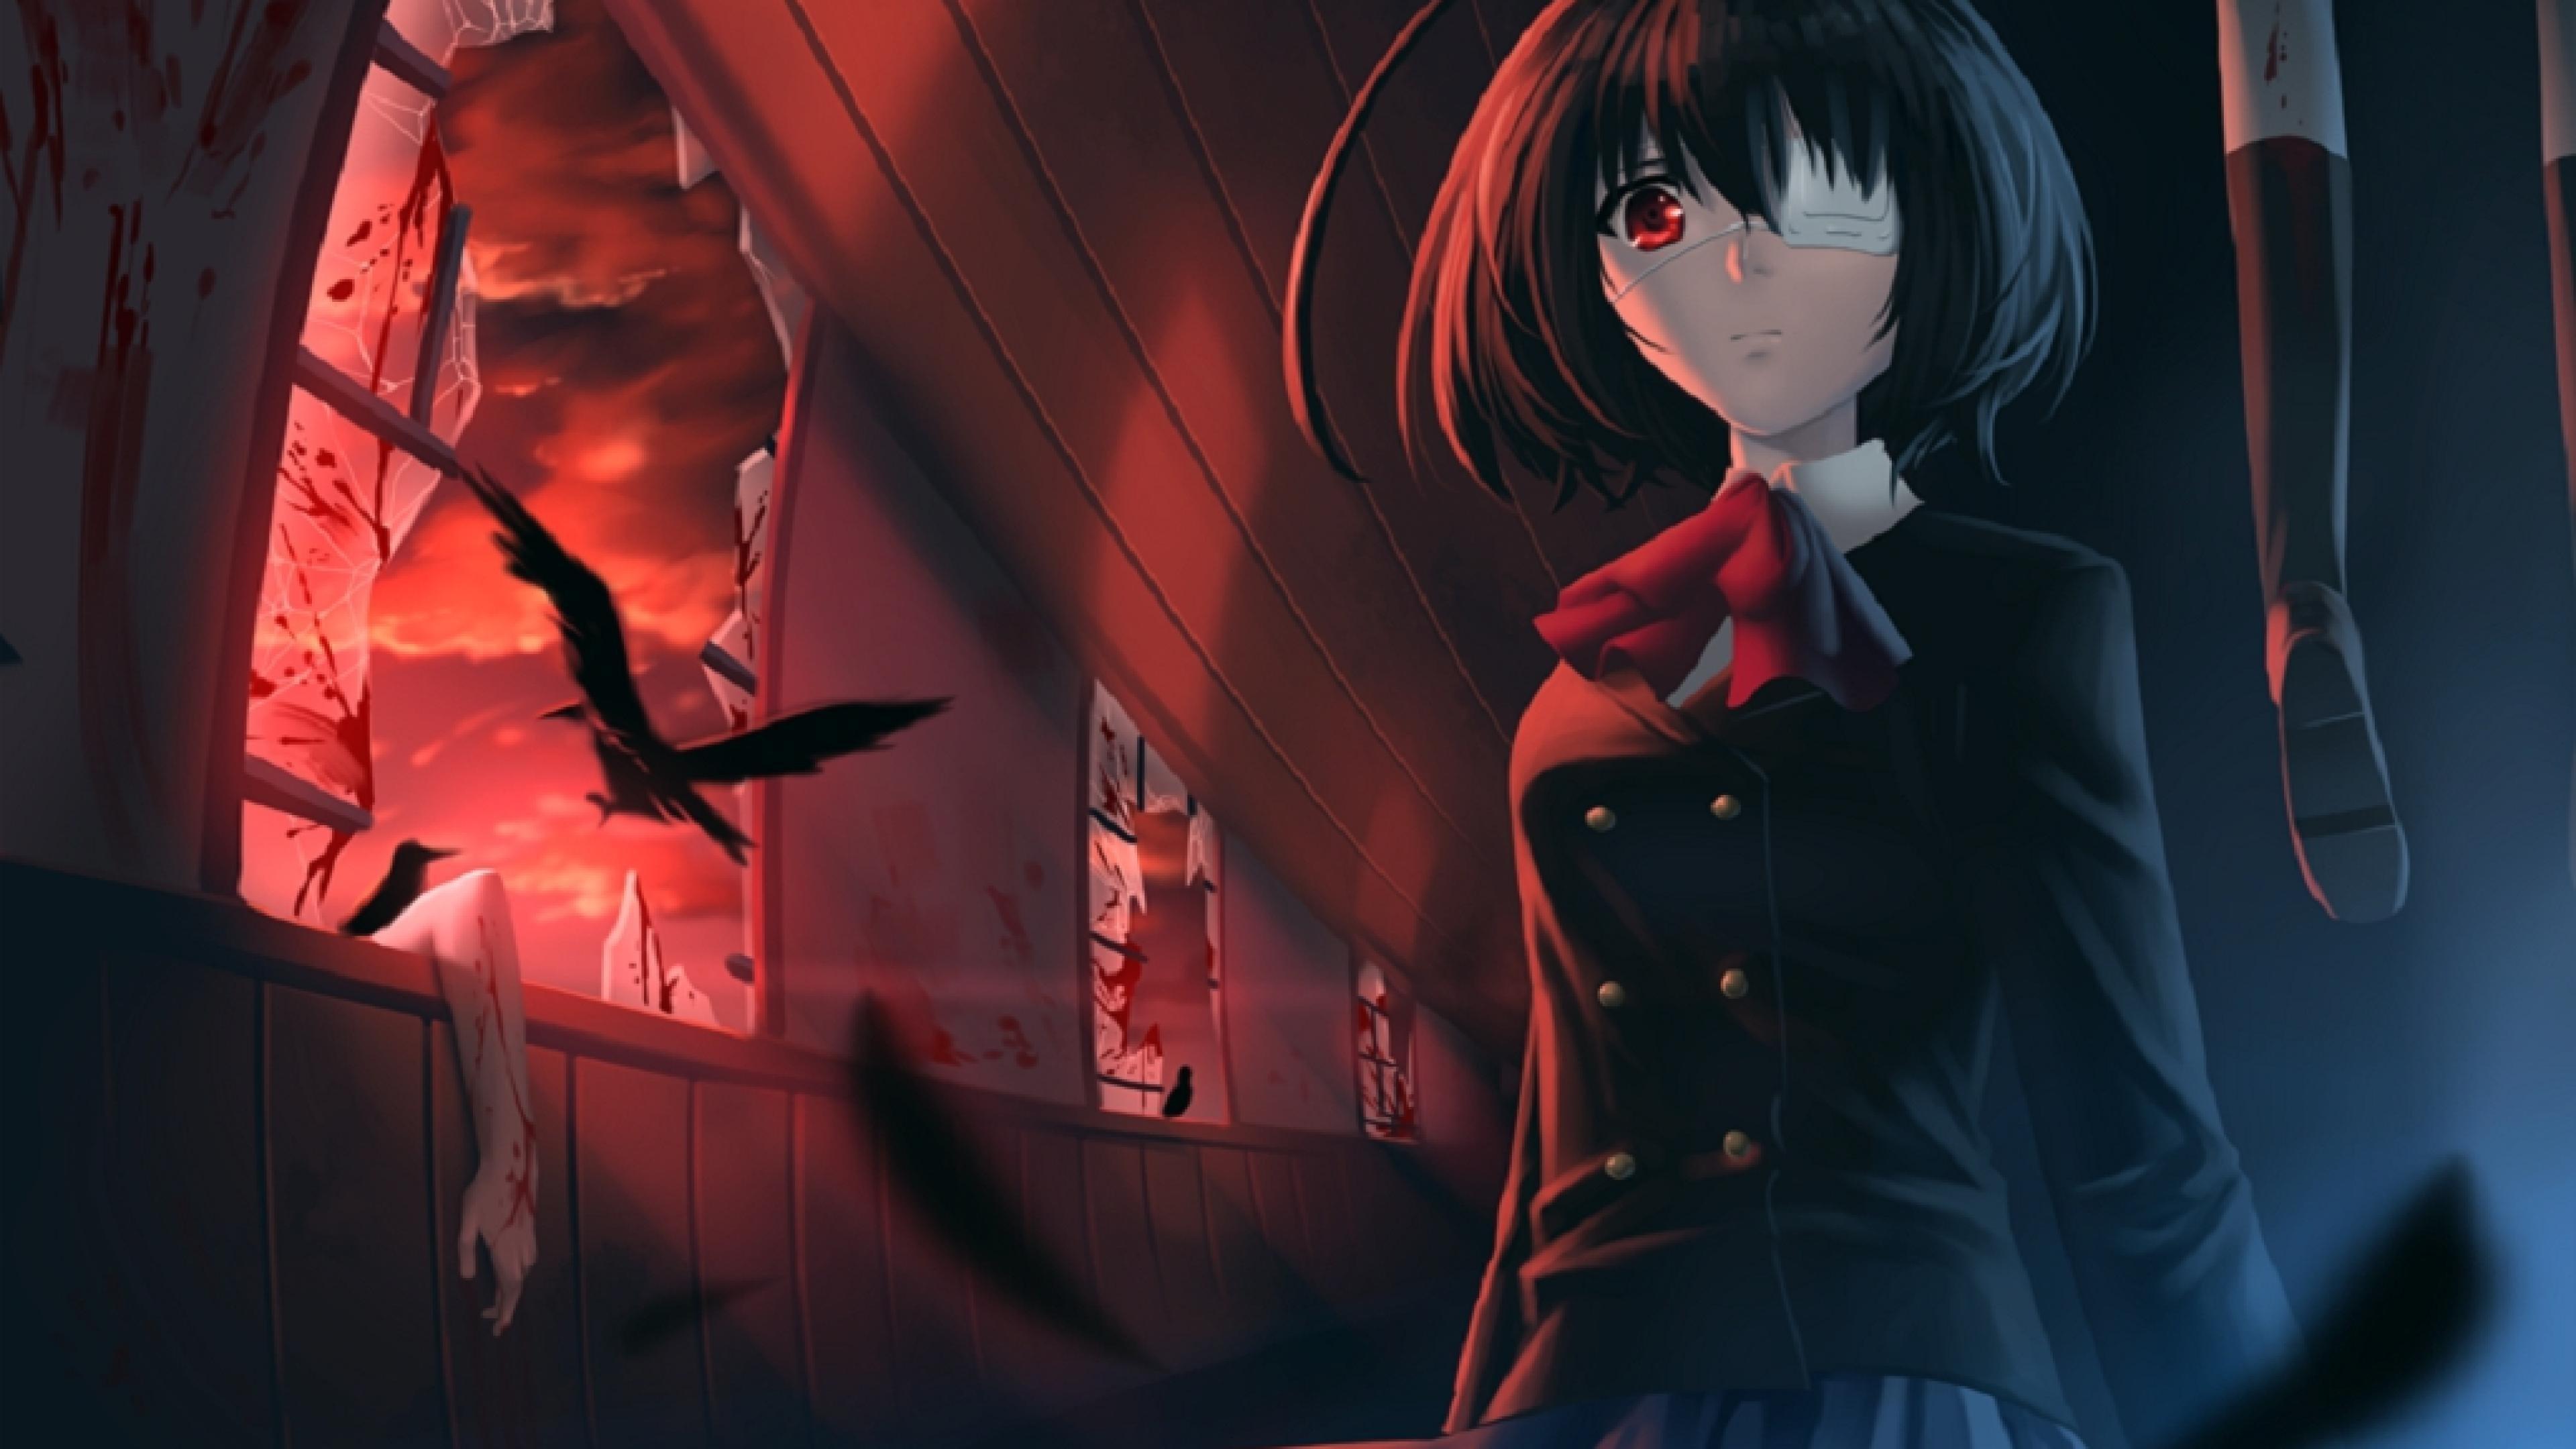 Another Misaki